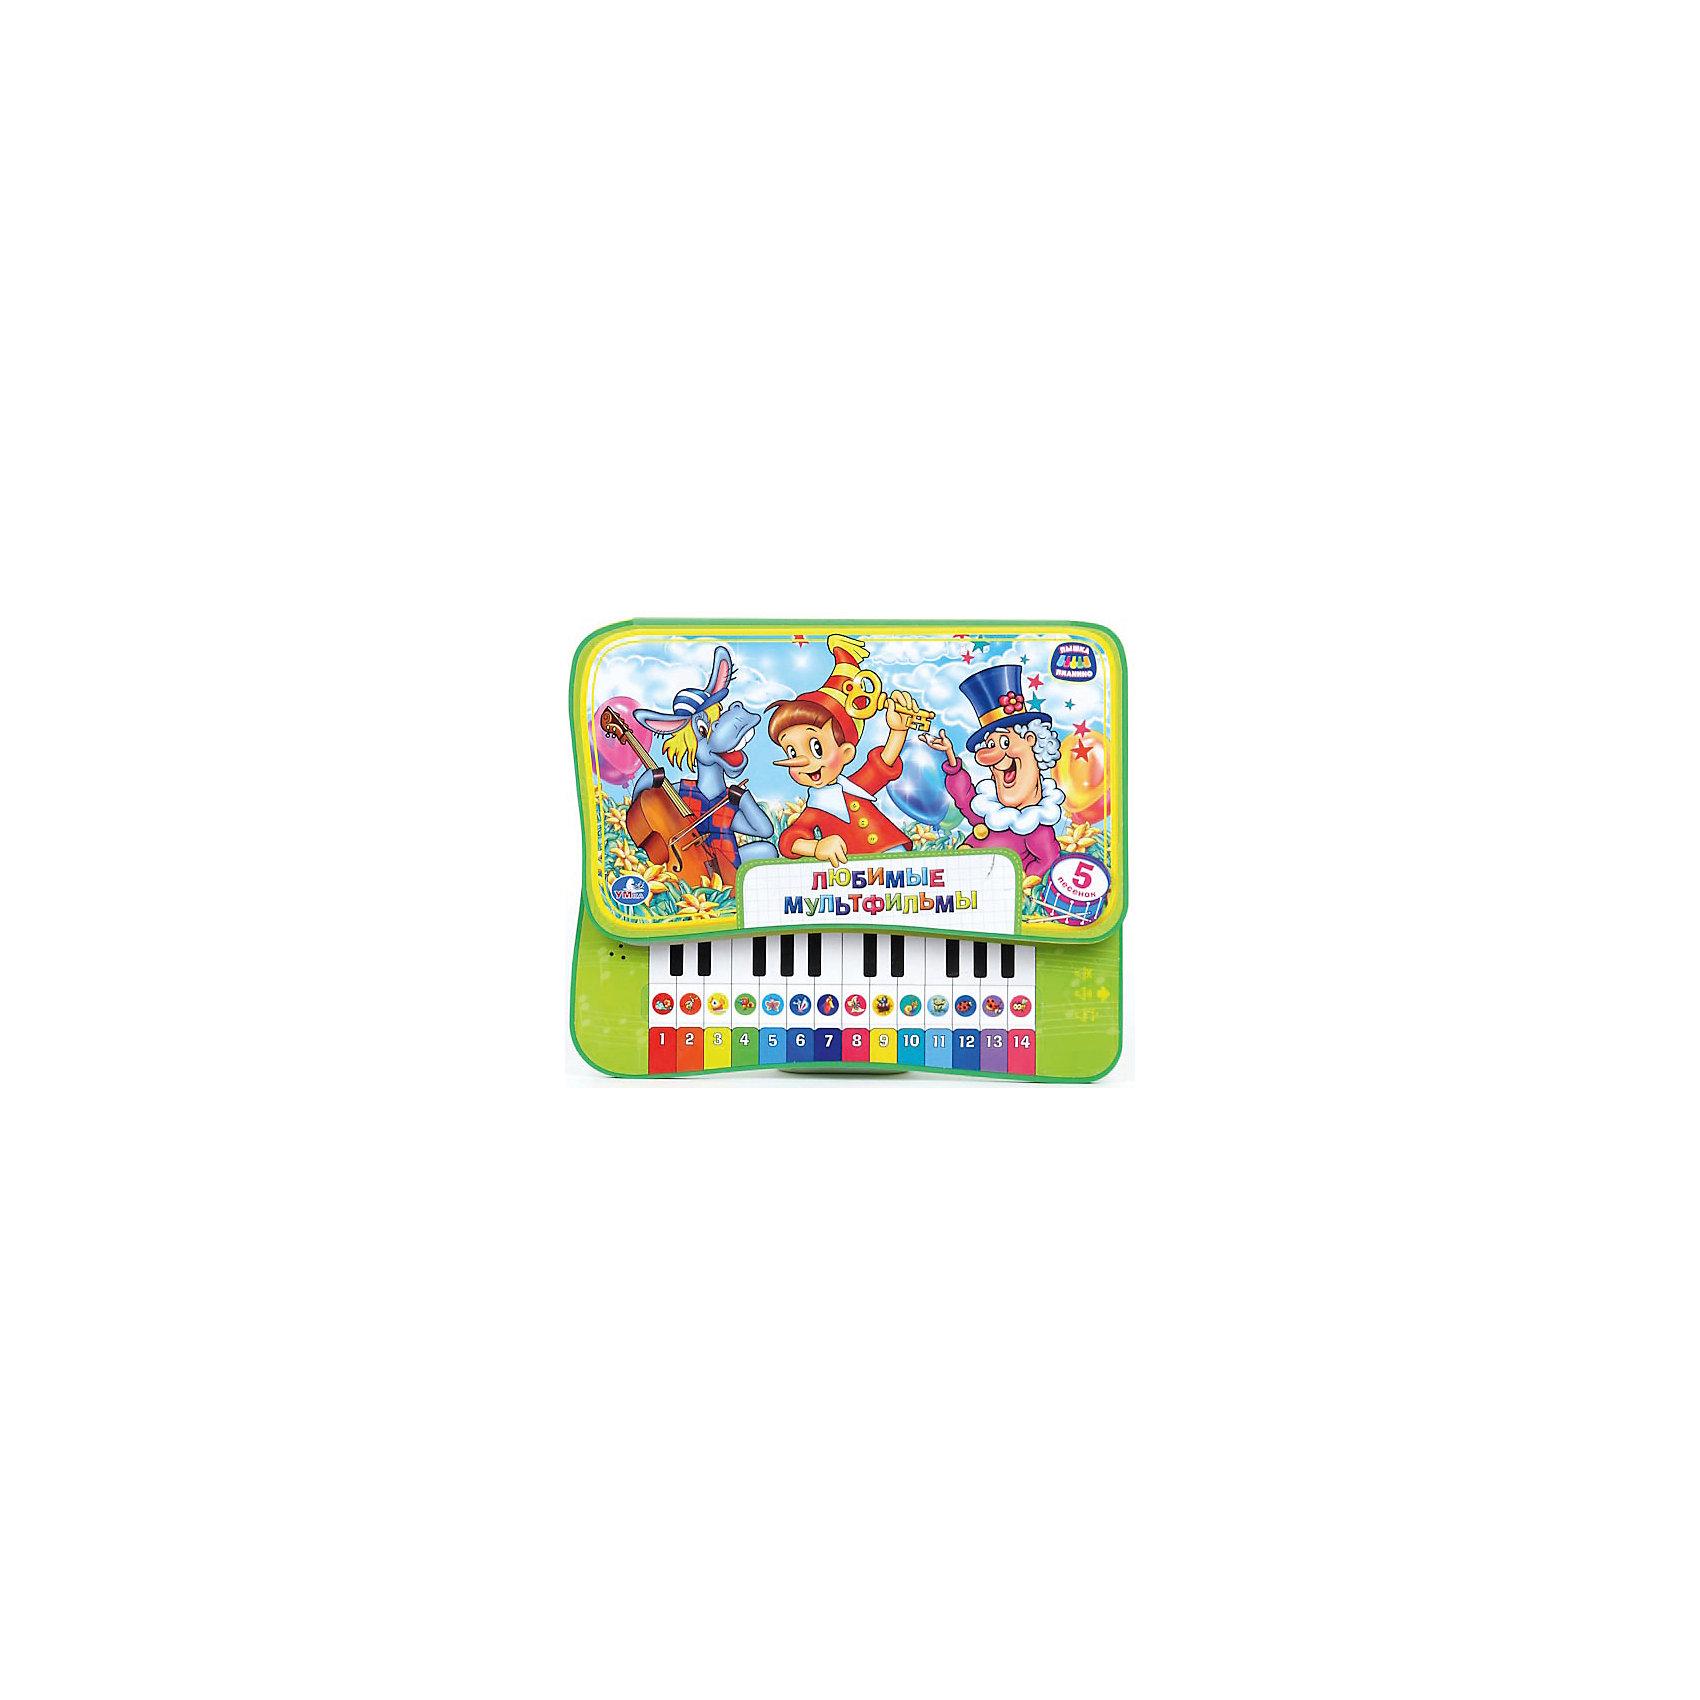 Умка Книга-пианино Любимые мультфильмы банкетку для пианино в новокузнецке